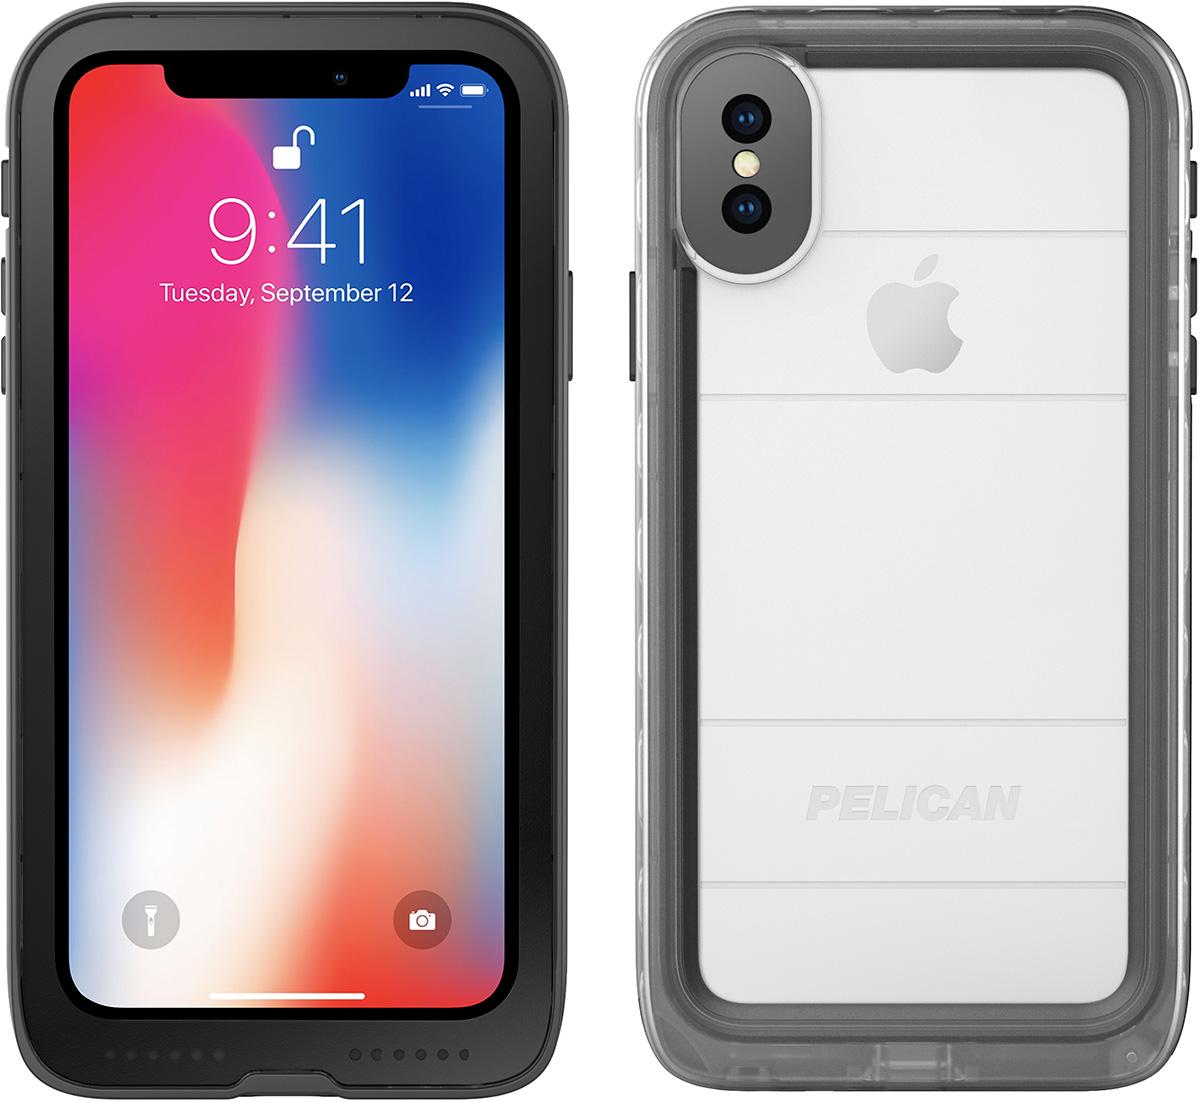 pelican iphone x waterproof case marine